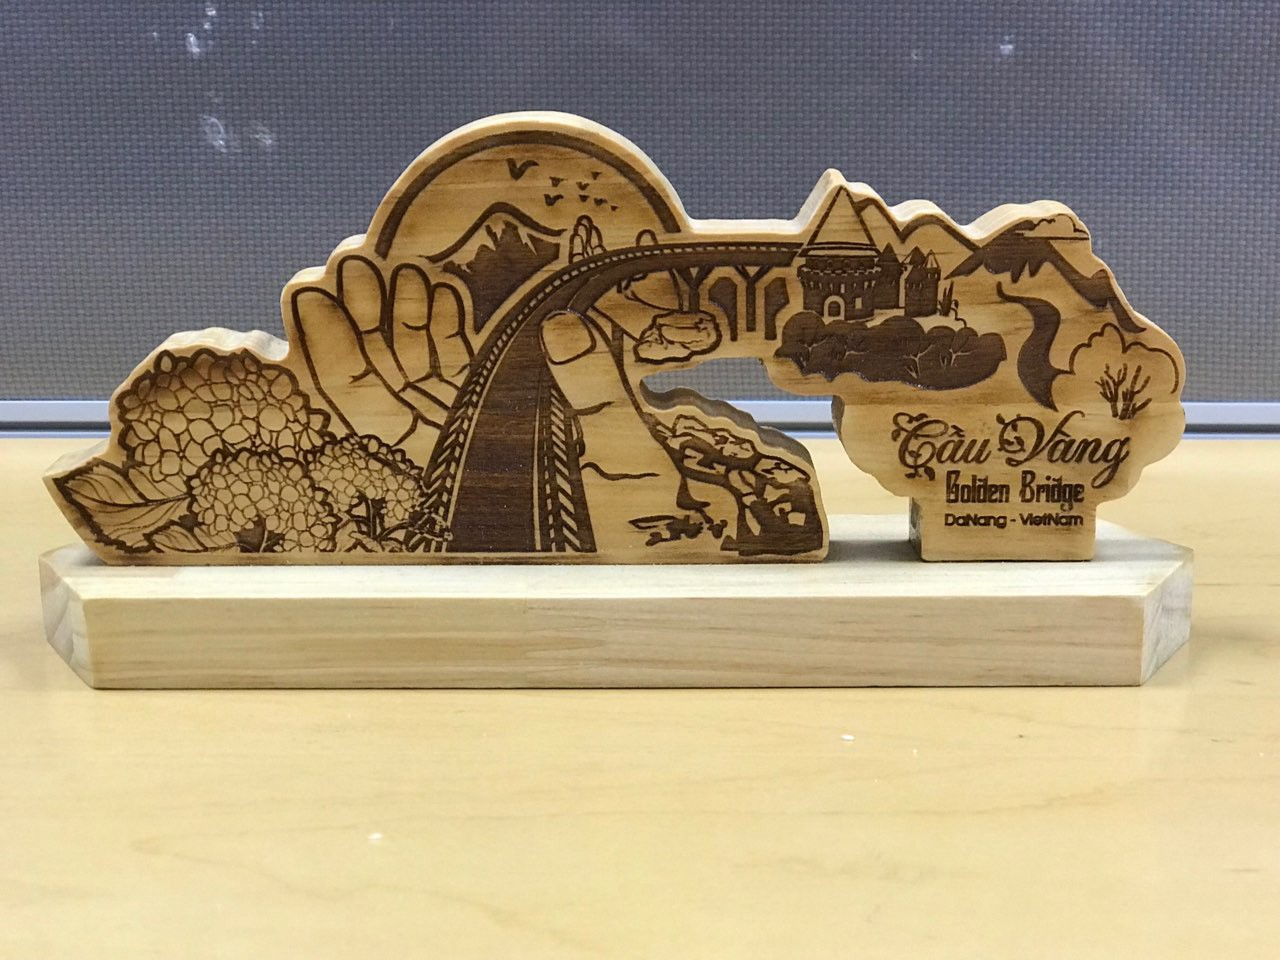 Hơn một sản phẩm du lịch, Cầu Vàng trở thành nguồn cảm hứng cho cộng đồng - Ảnh 6.